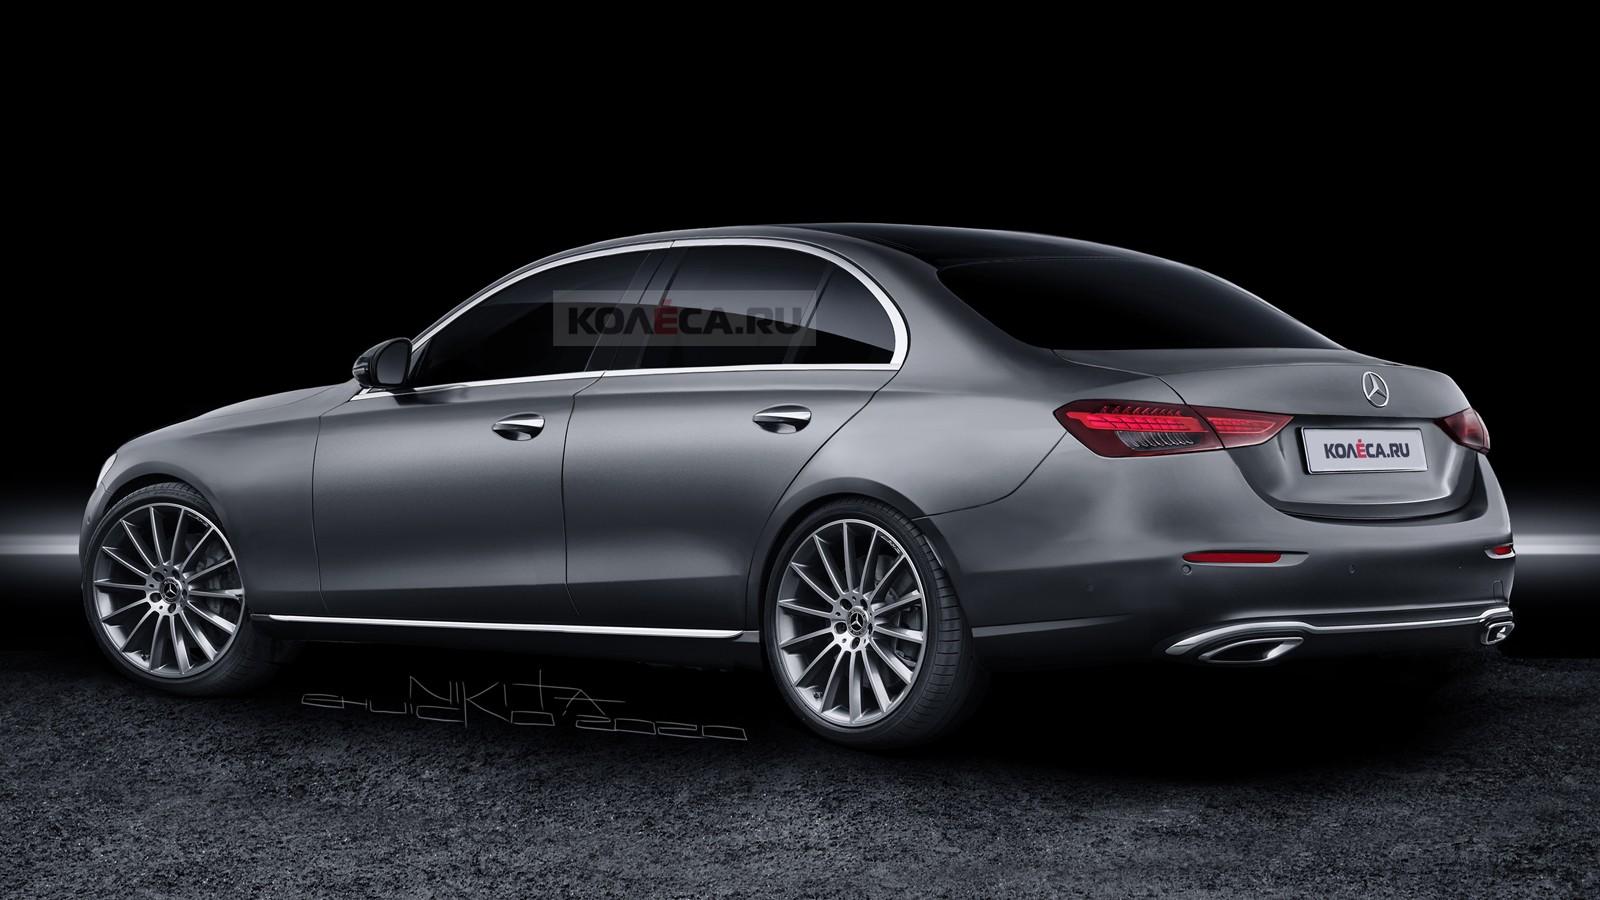 Mercedes-Benz C-класса следующего поколения (W206): новые изображения